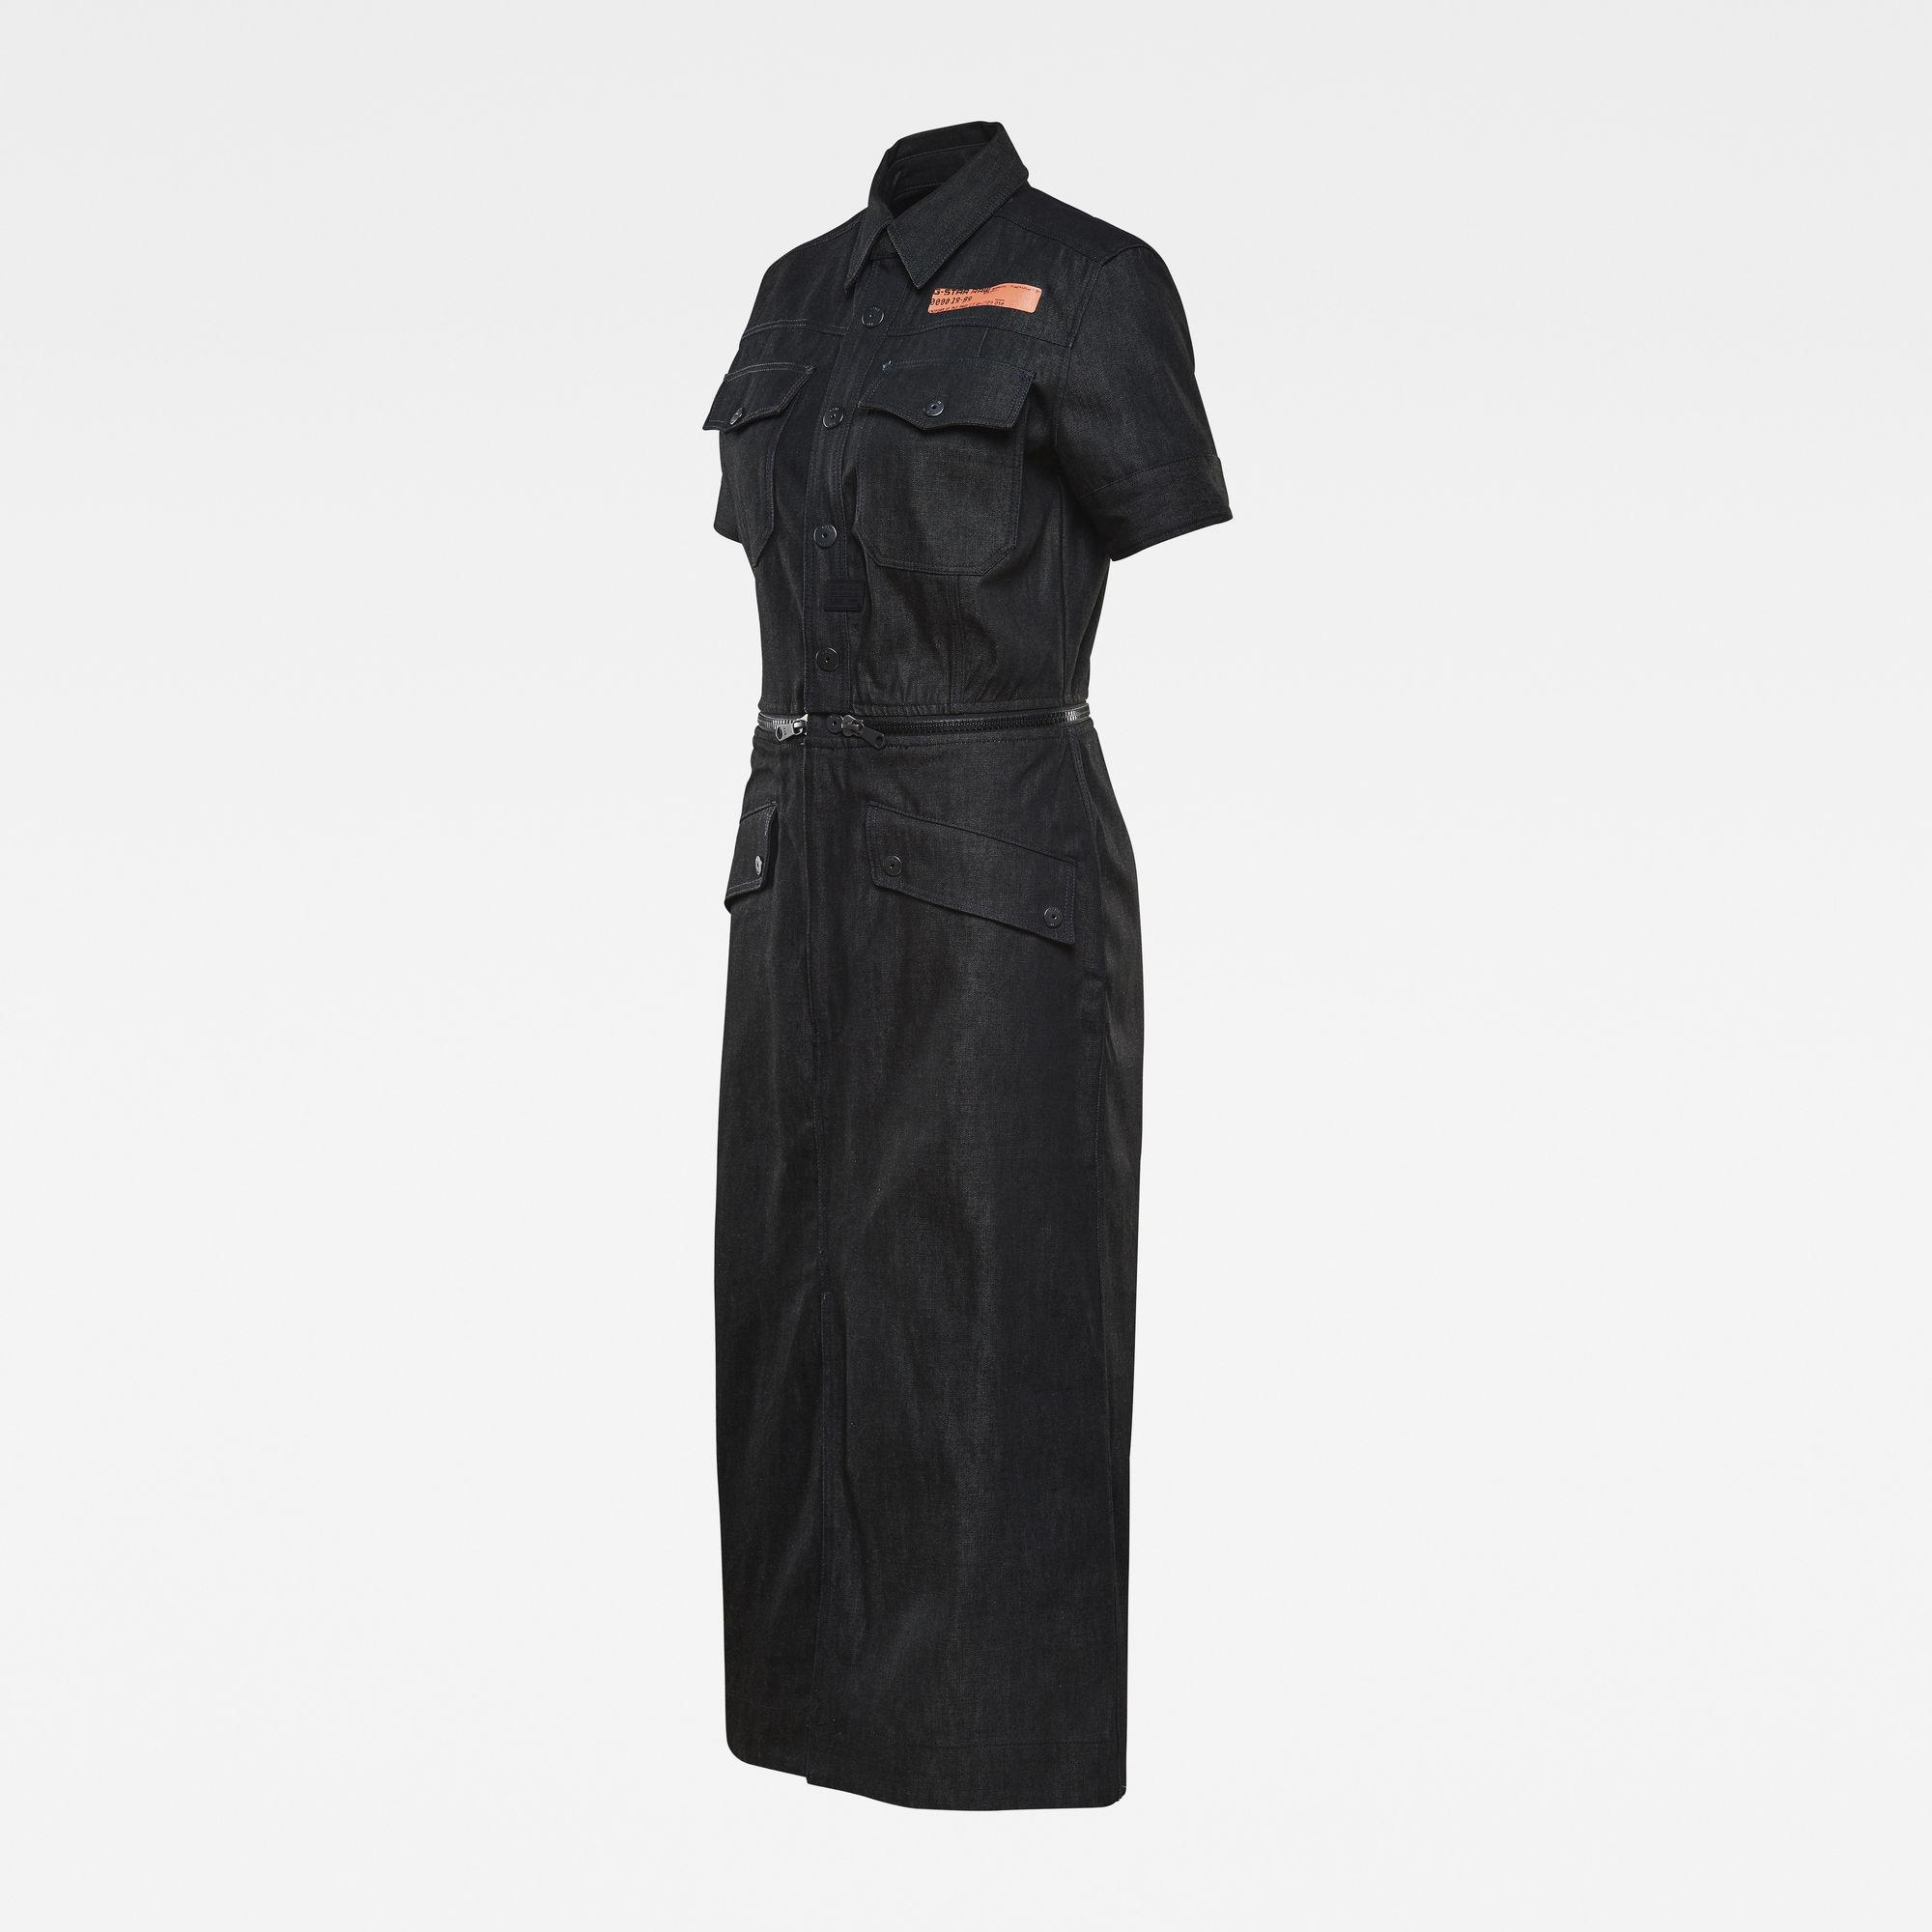 G-Star RAW Dames E Moto Uniform Jurk Zwart